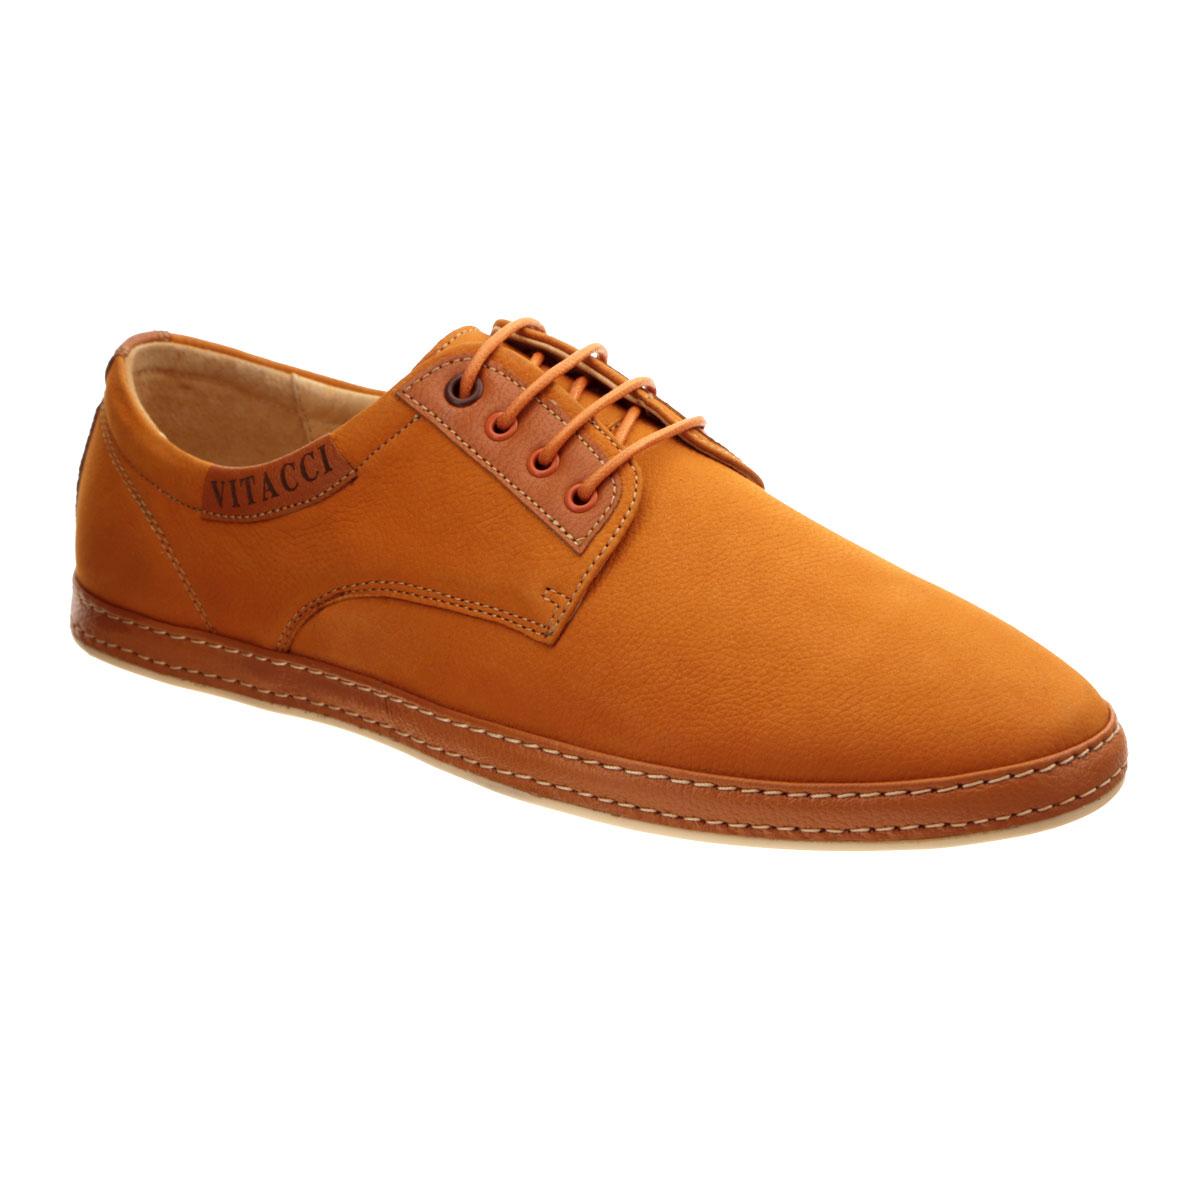 Туфли мужские. M15028**M15028**Стильные мужские туфли Vitacci покорят вас своим удобством. Модель выполнена из натурального нубука и декорирована двойной прострочкой вдоль ранта, задним наружным ремнем. Боковая сторона оформлена нашивкой с надписью в виде названия бренда. Шнуровка прочно зафиксирует модель на вашей ноге. Съемная стелька из материала EVA с внешней поверхностью из натуральной кожи гарантирует комфорт при движении. Подошва с противоскользящим рифлением обеспечивает идеальное сцепление с поверхностью. Модные туфли прекрасно дополнят образ в стиле casual.